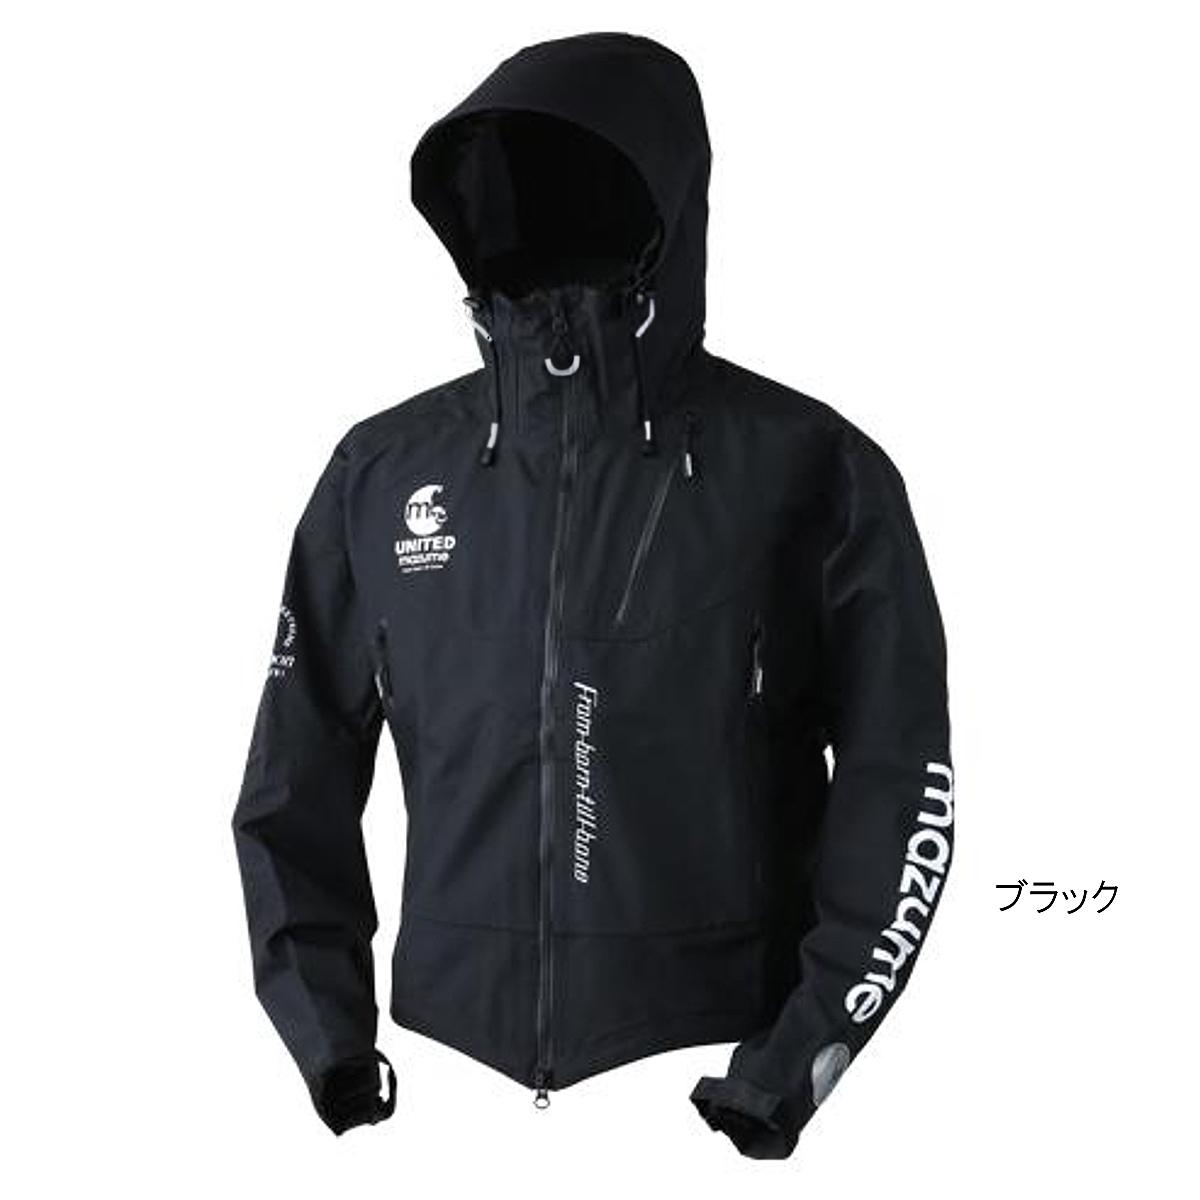 マズメ レッドムーンウェーディングショートジャケット MZRJ-352 M ブラック(東日本店)